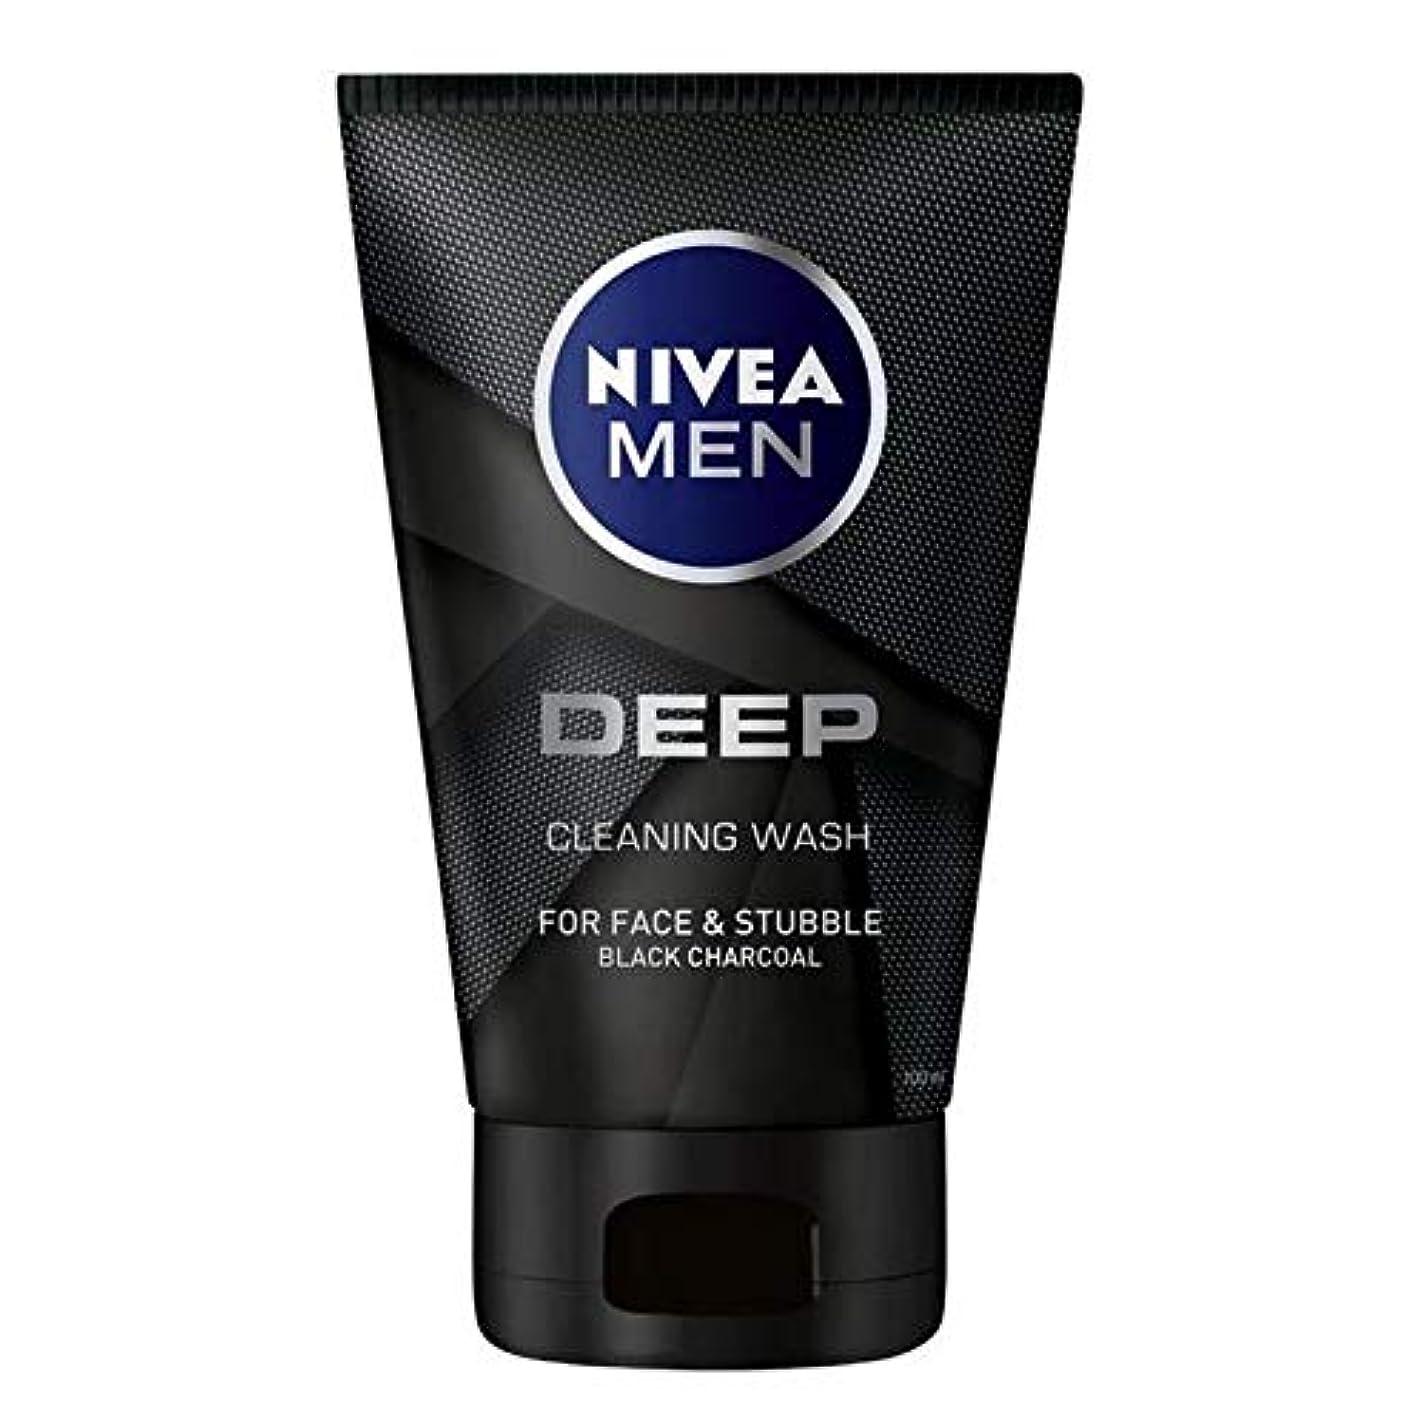 キルス切る裕福な[Nivea ] ニベア男性深い木炭フェイスウォッシュ100ミリリットル - NIVEA MEN Deep Charcoal Face Wash 100ml [並行輸入品]